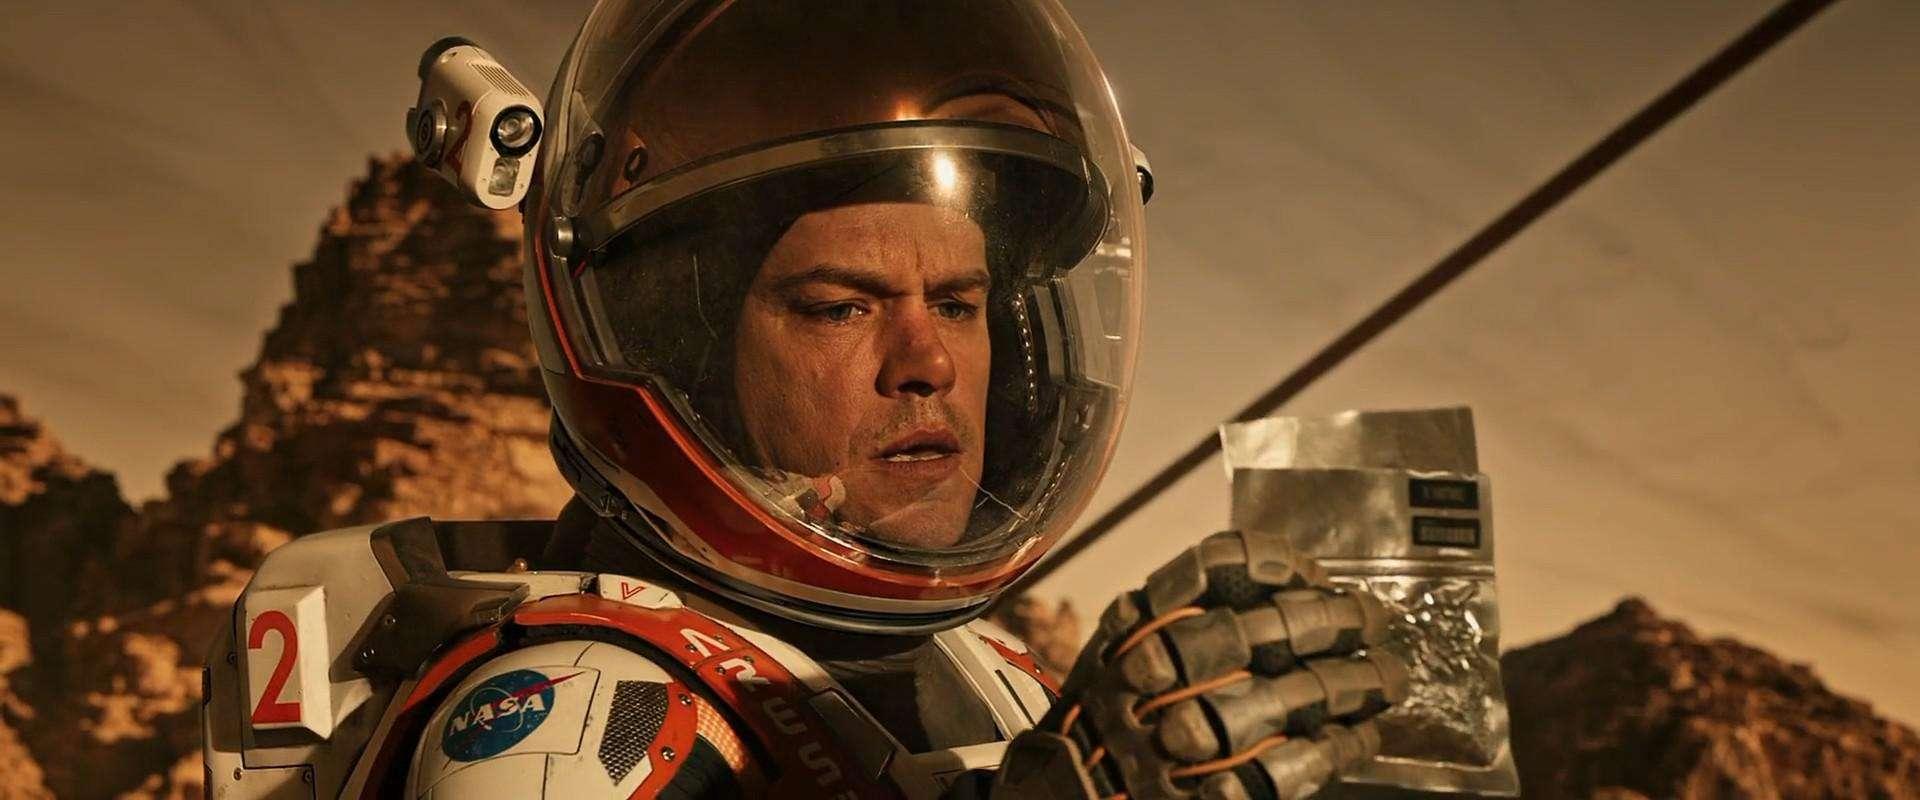 Top 50 English Language Films of 2015 5